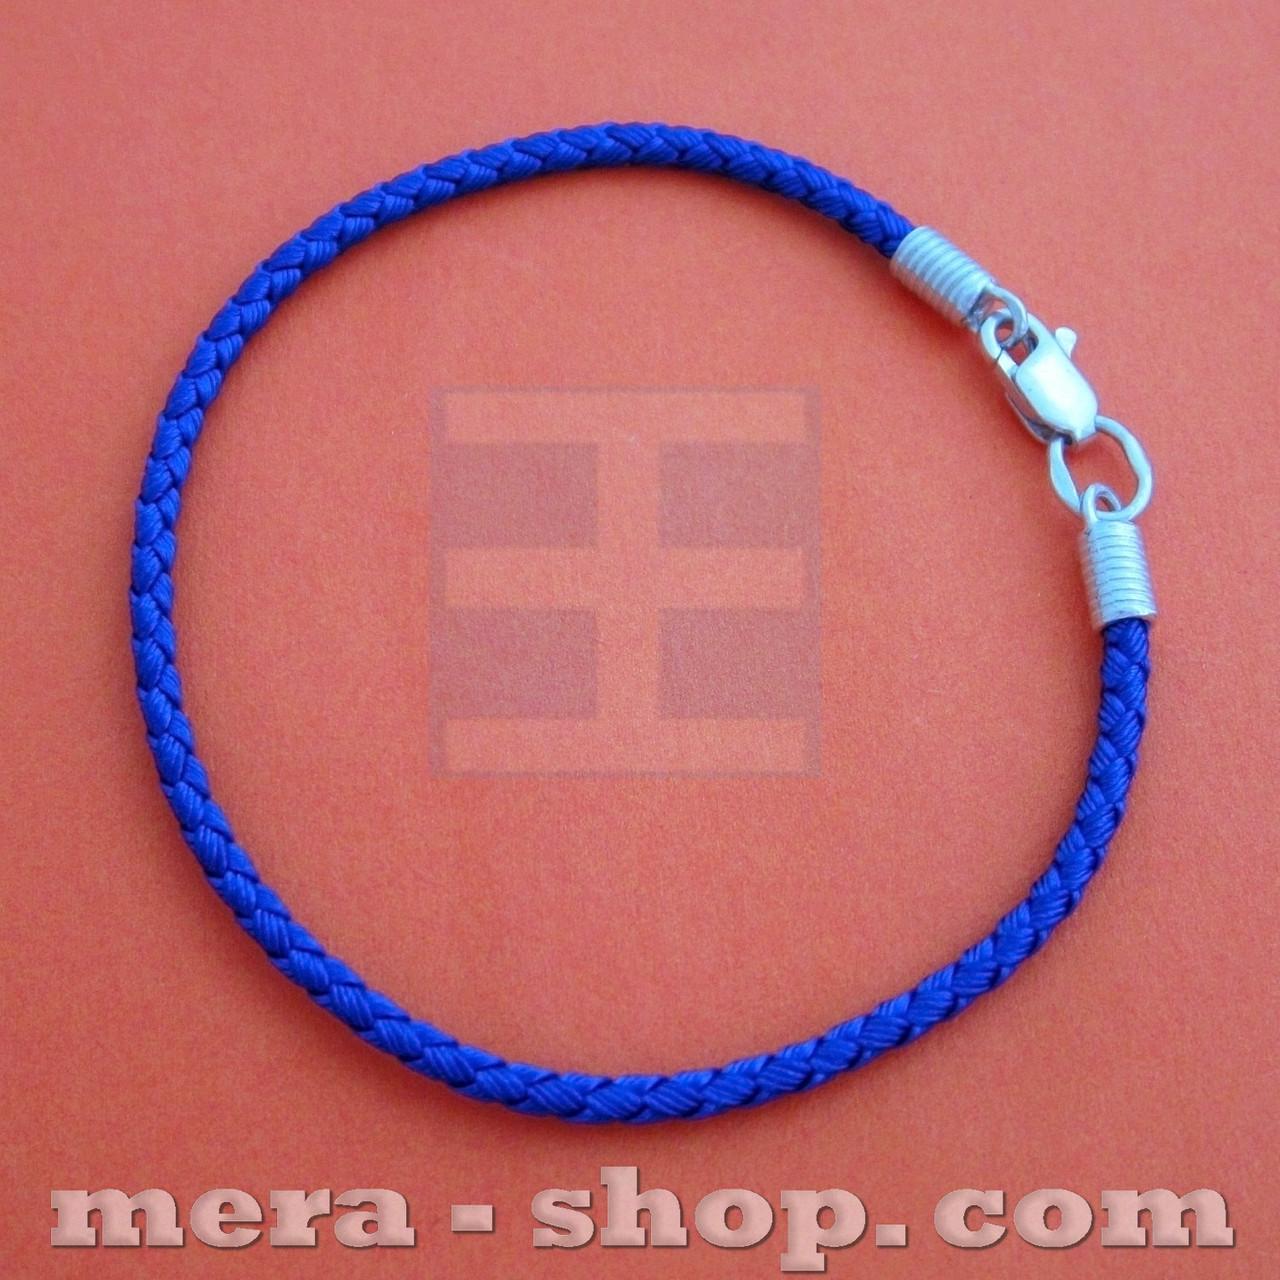 Синий шелковый браслет с серебряным замком (⌀3 мм, все размеры)